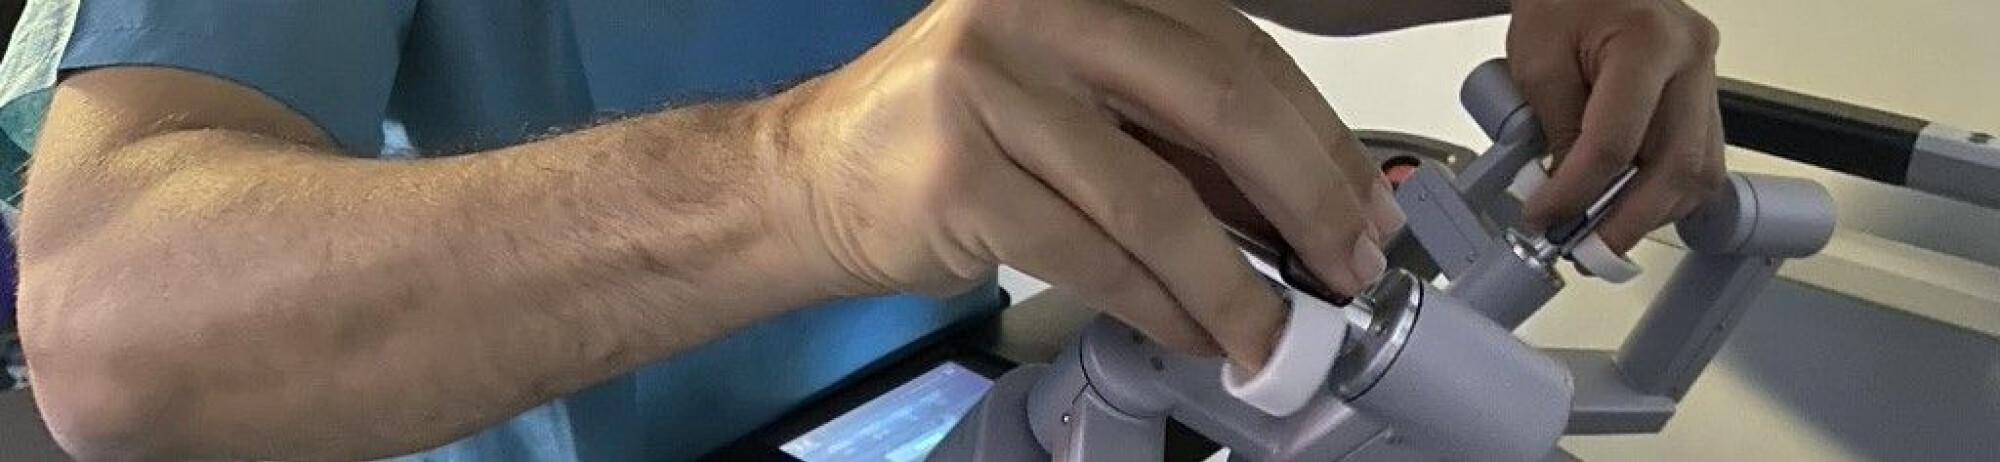 Test hpv barbati sanador